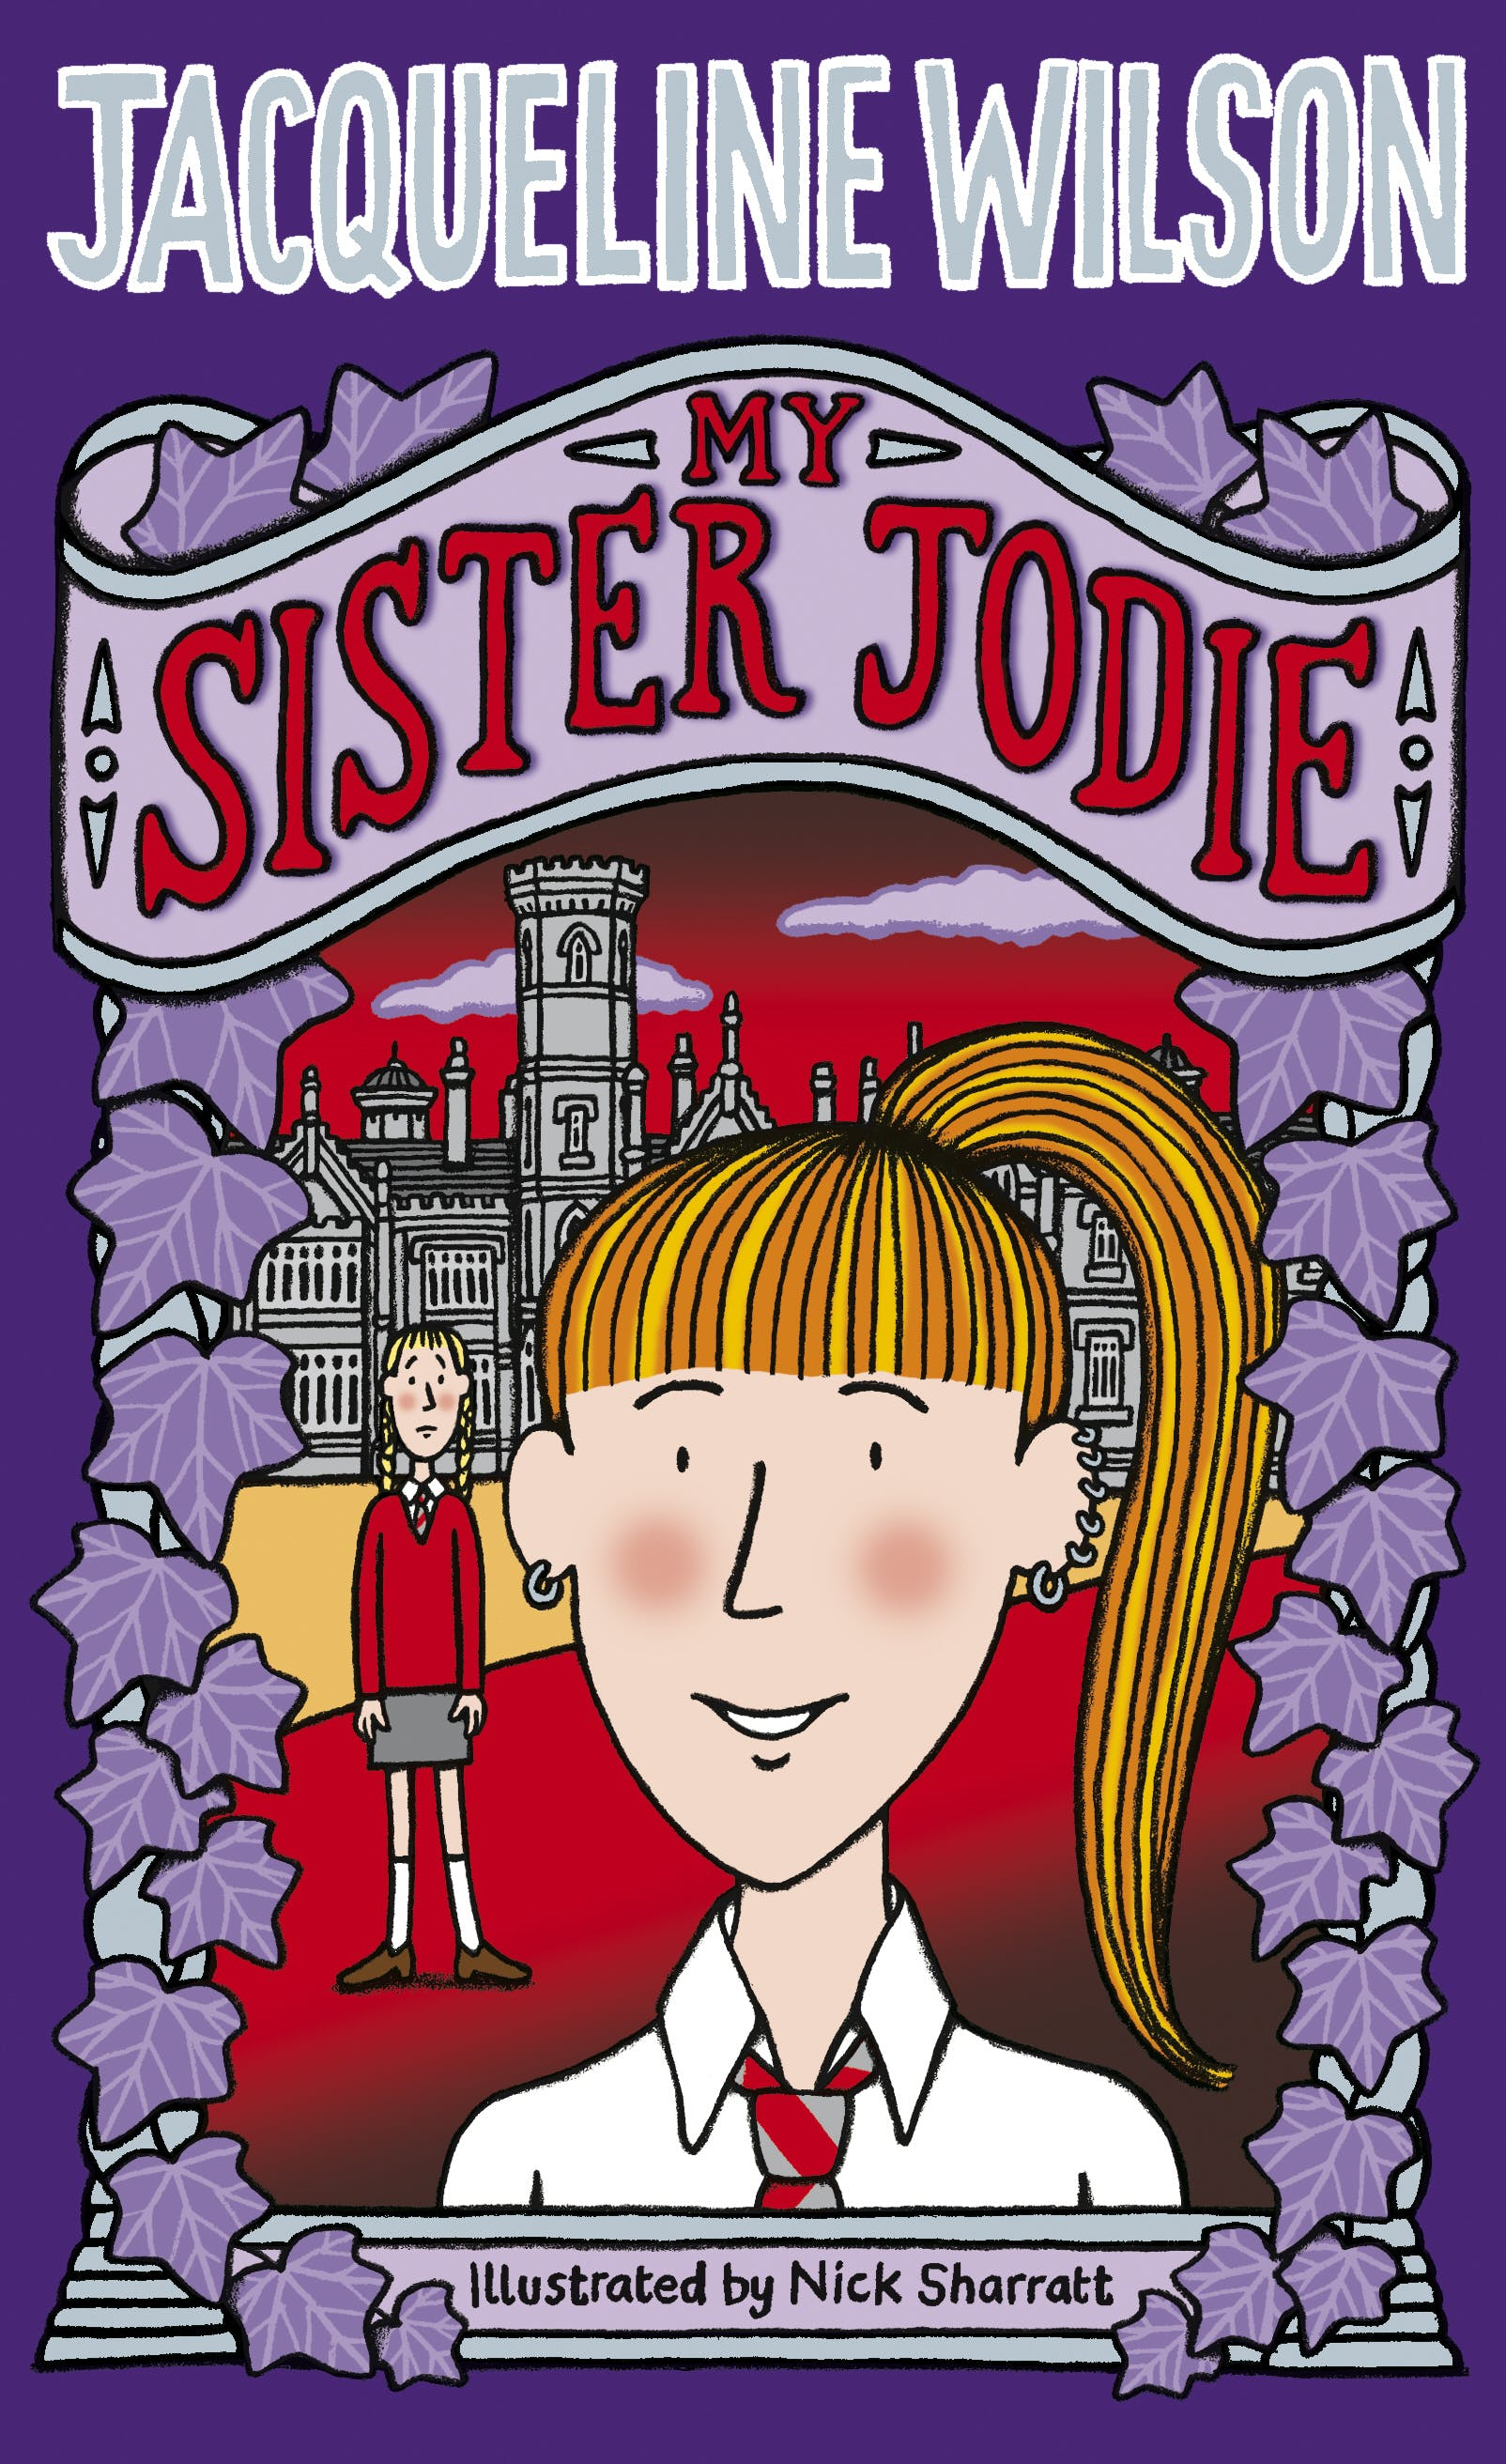 My Sister Jodie